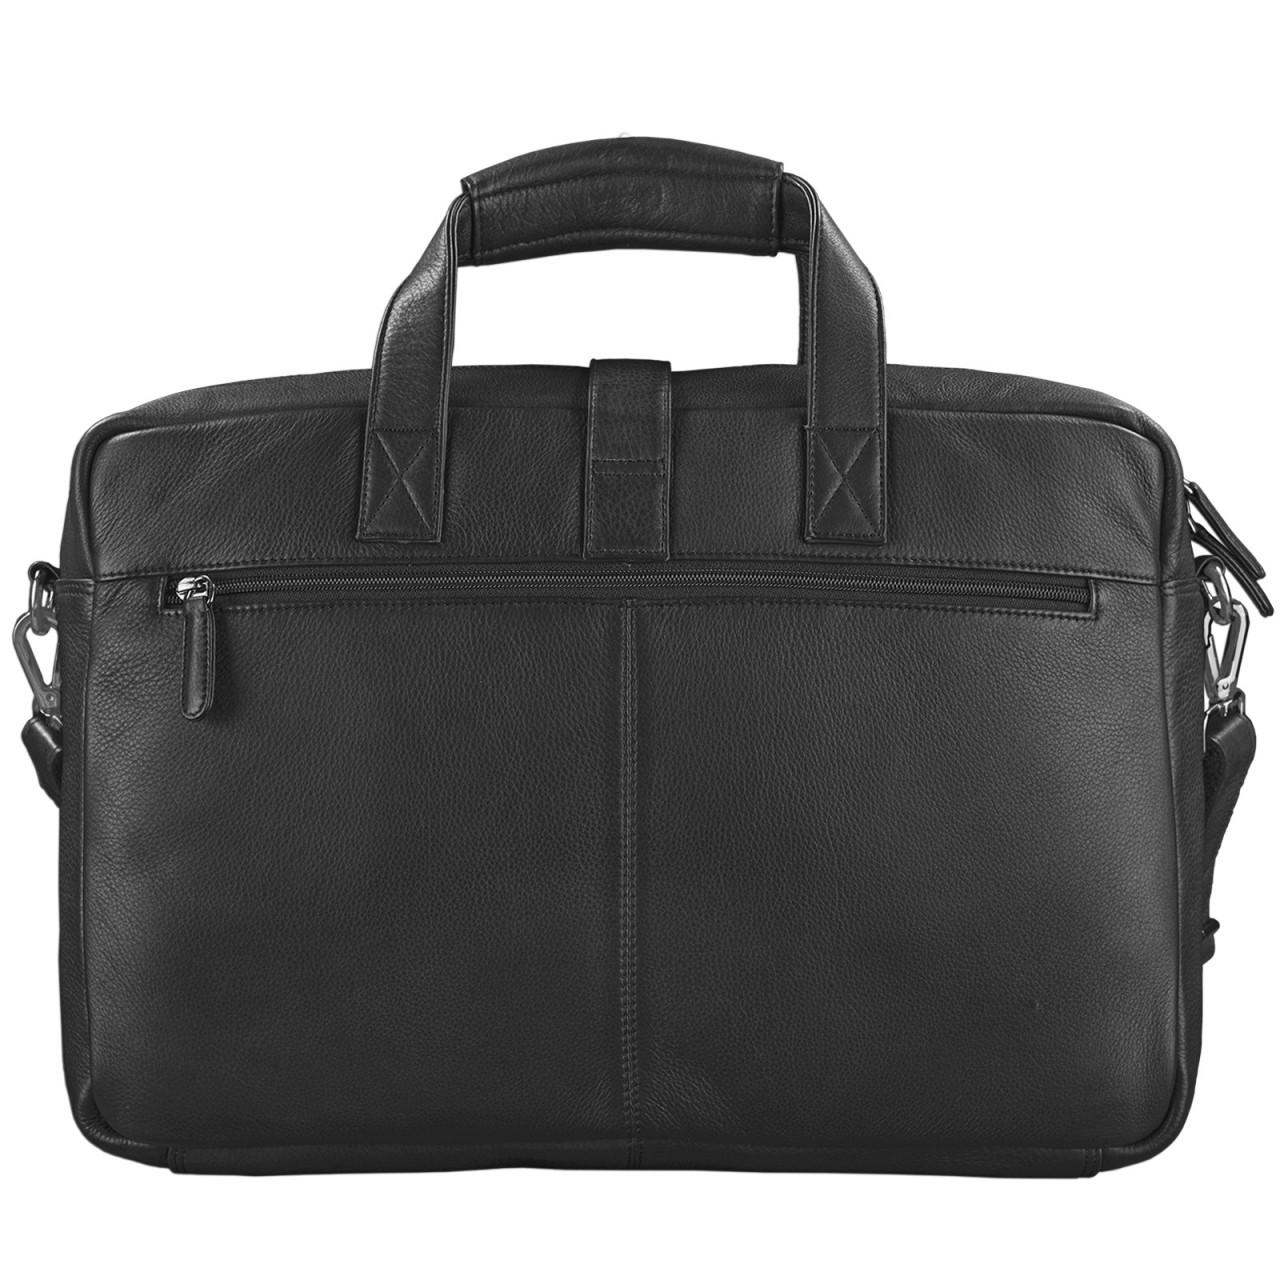 """STILORD """"Michael"""" Lehrertasche Leder Vintage Leder Laptoptasche 15,6 Zoll groß Büro Uni Herren Damen Rindsleder - Bild 19"""